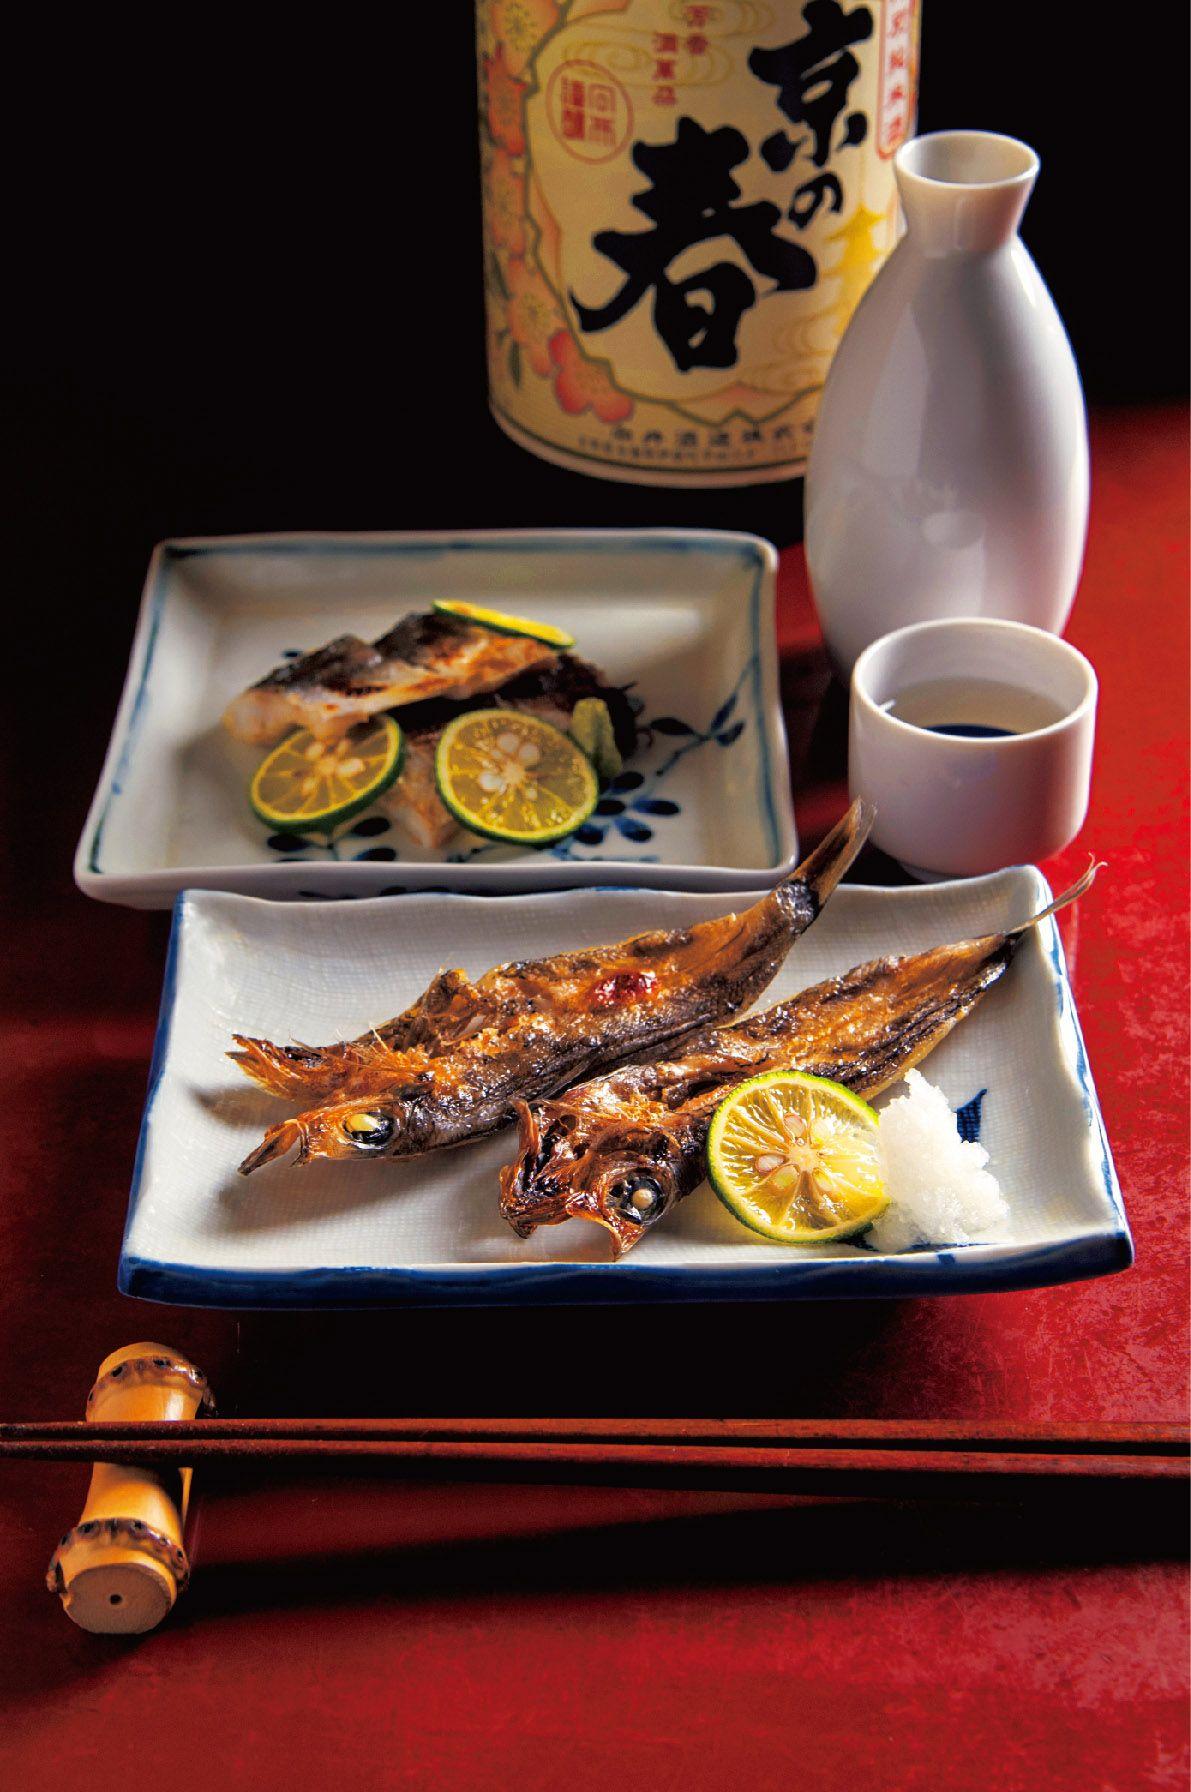 經歷了三個世代的居酒屋!東京穴場名店的隱藏版美食